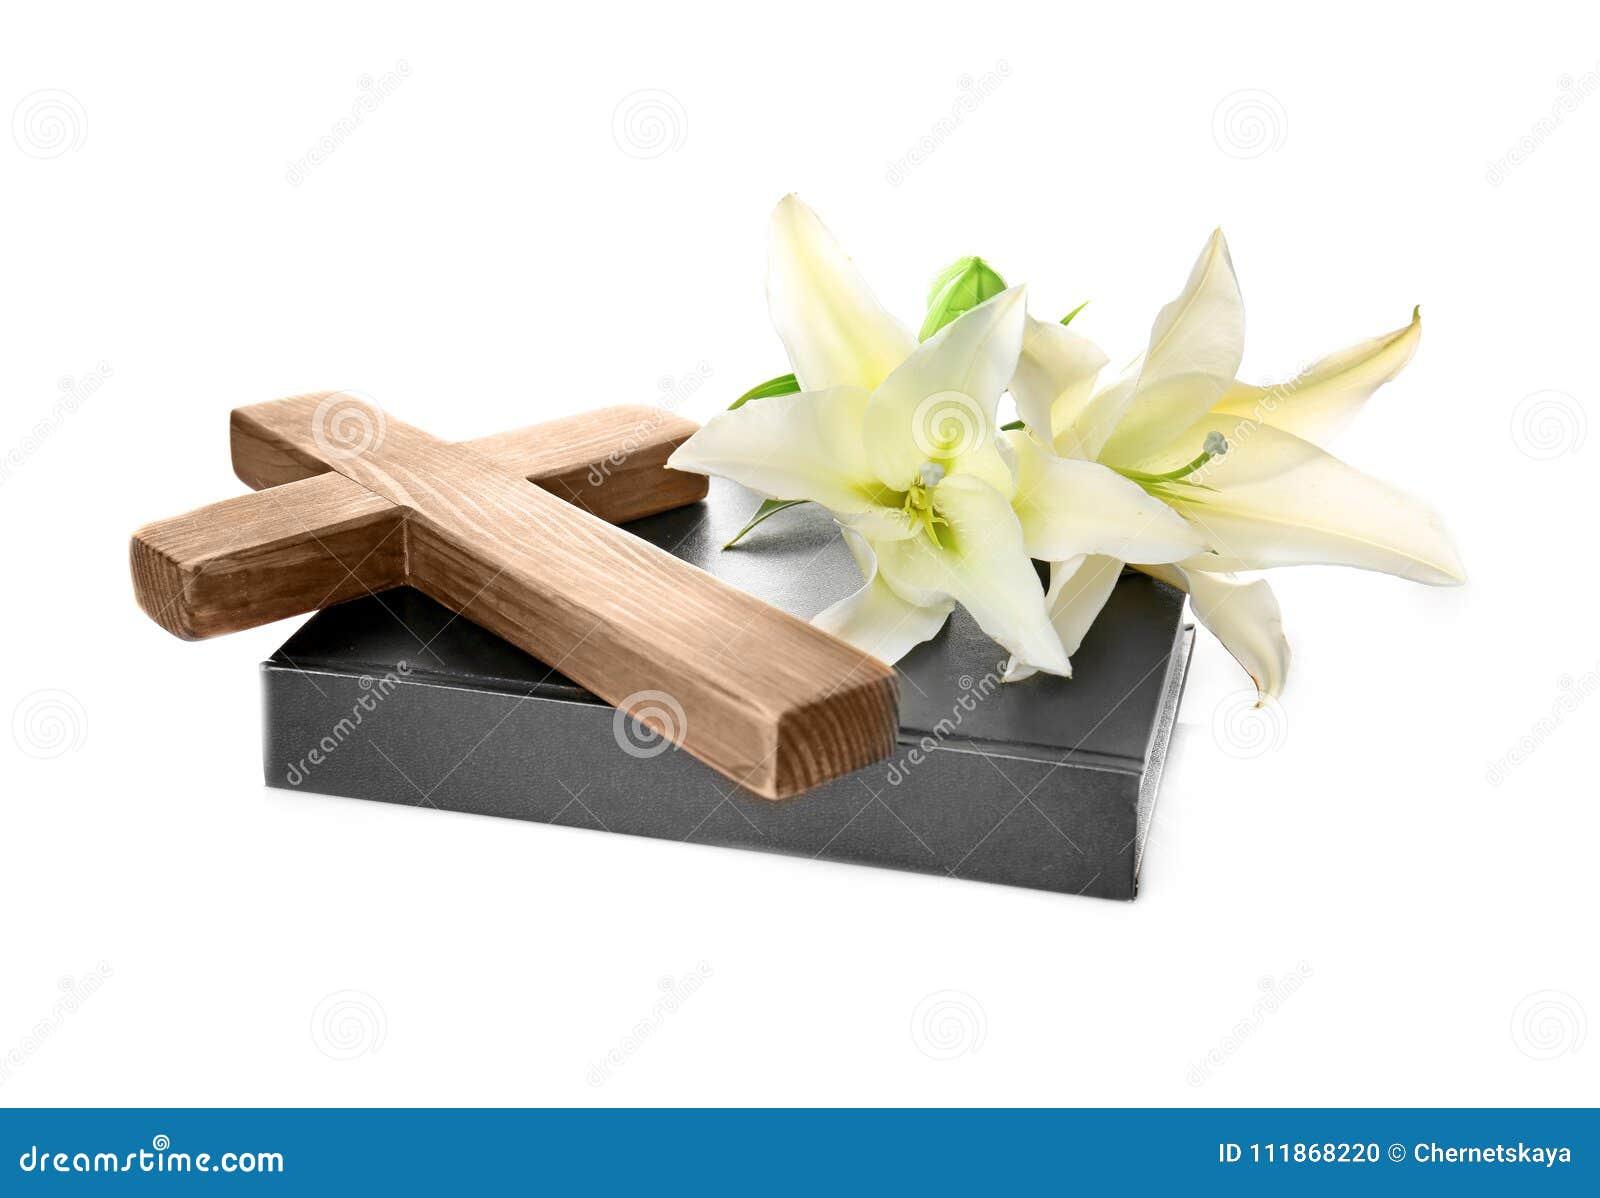 Drewniany krzyż, Święta biblia i leluja,